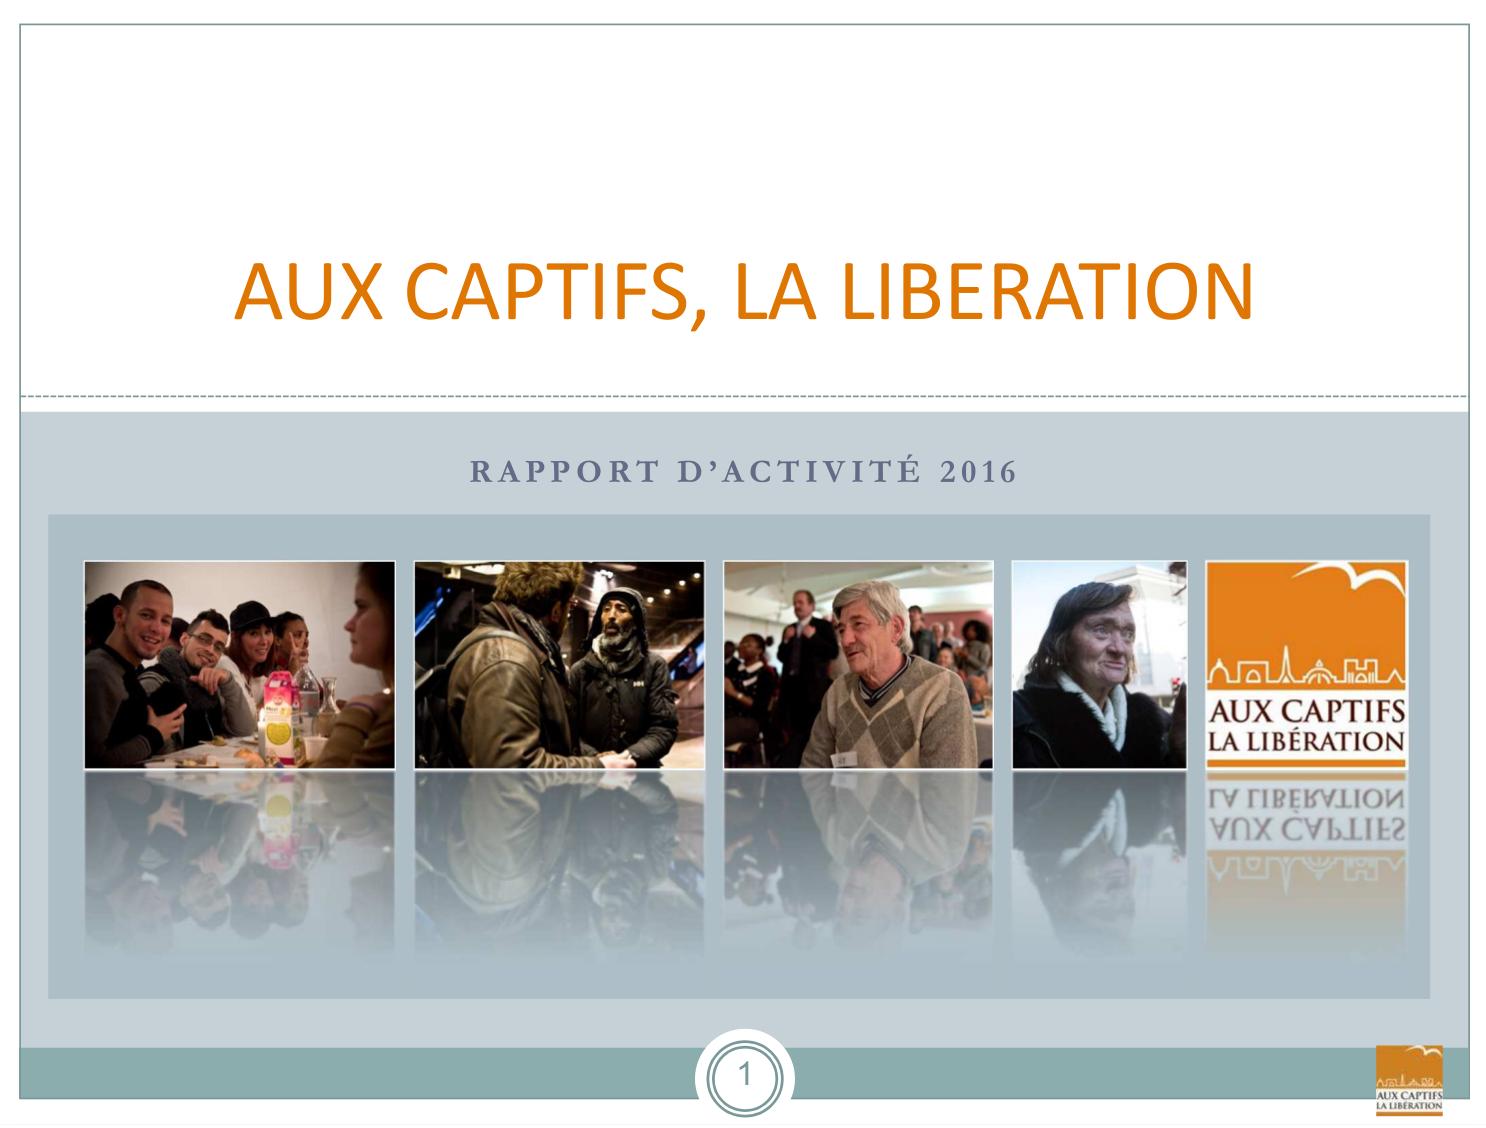 Rapport annuel 2015 - Association Aux captifs la libération